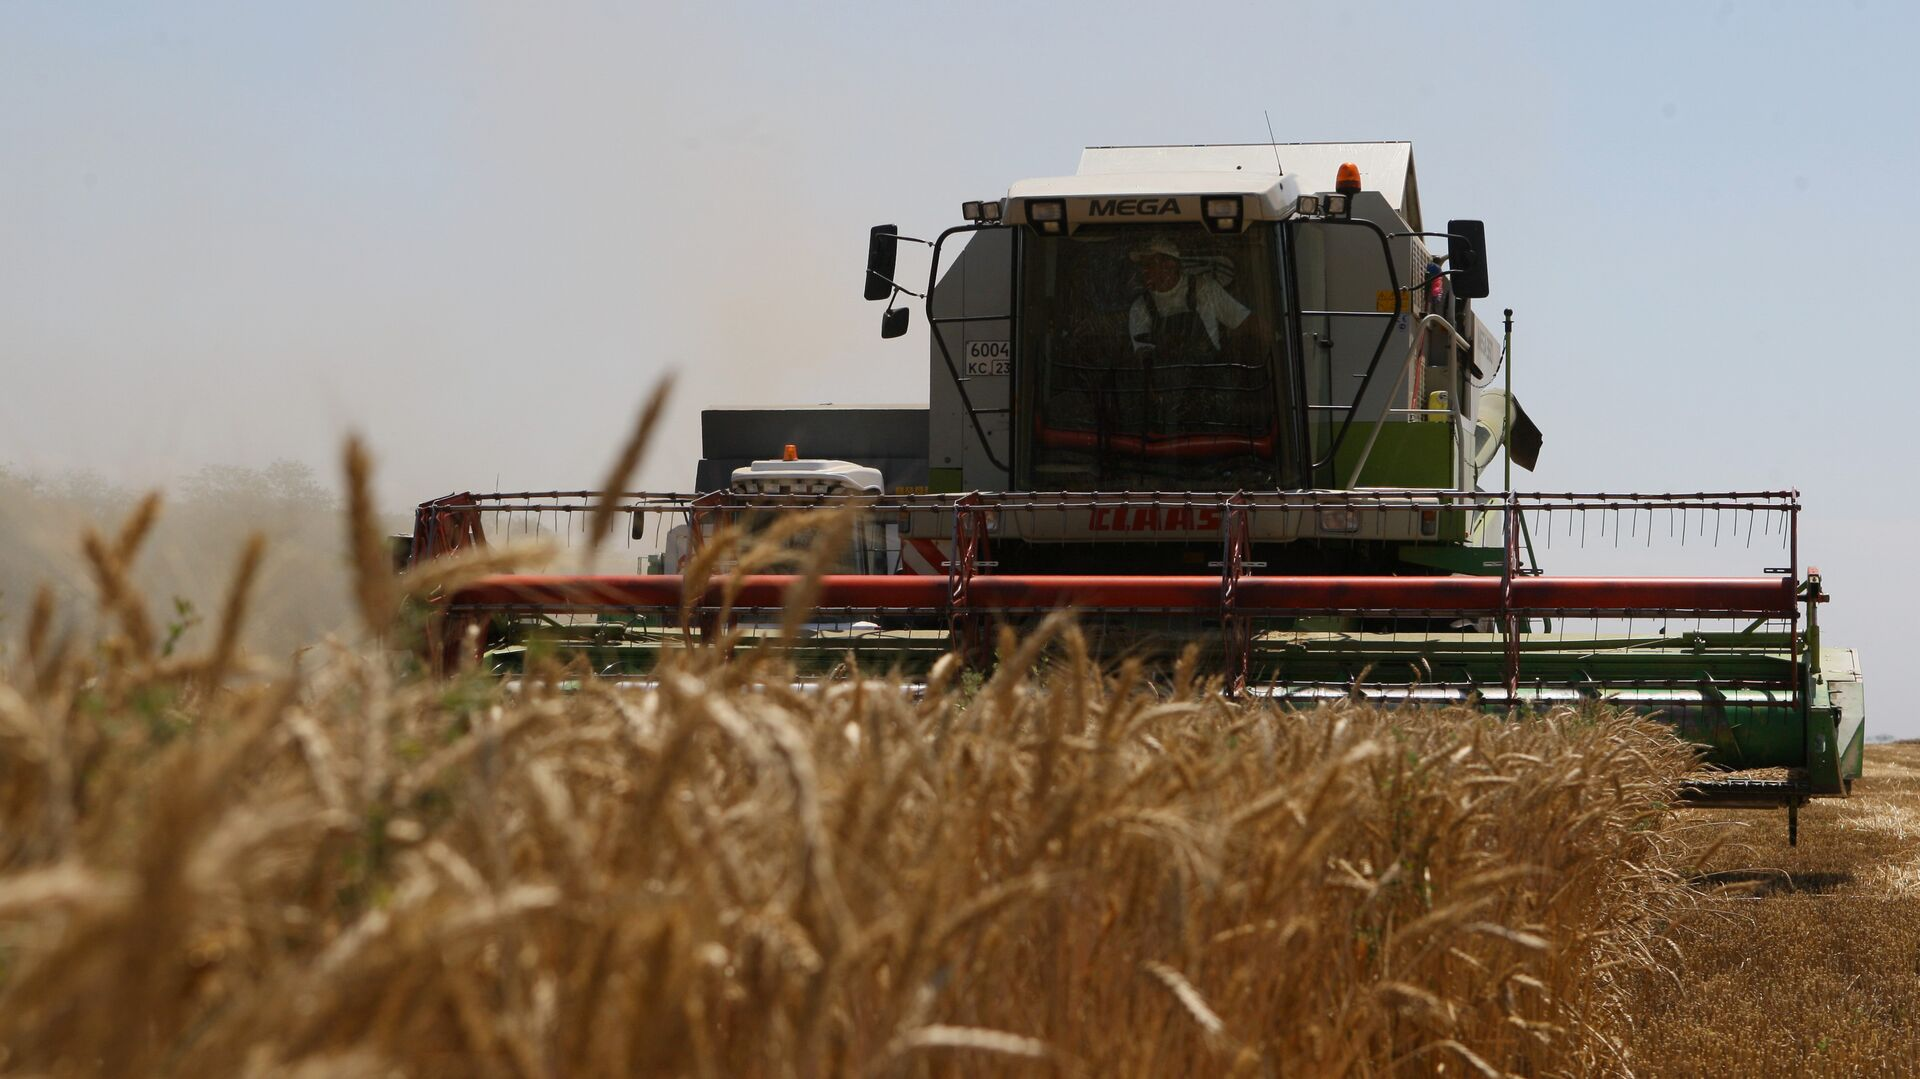 В ЛДПР предложили направить триллион рублей на развитие сельского хозяйства